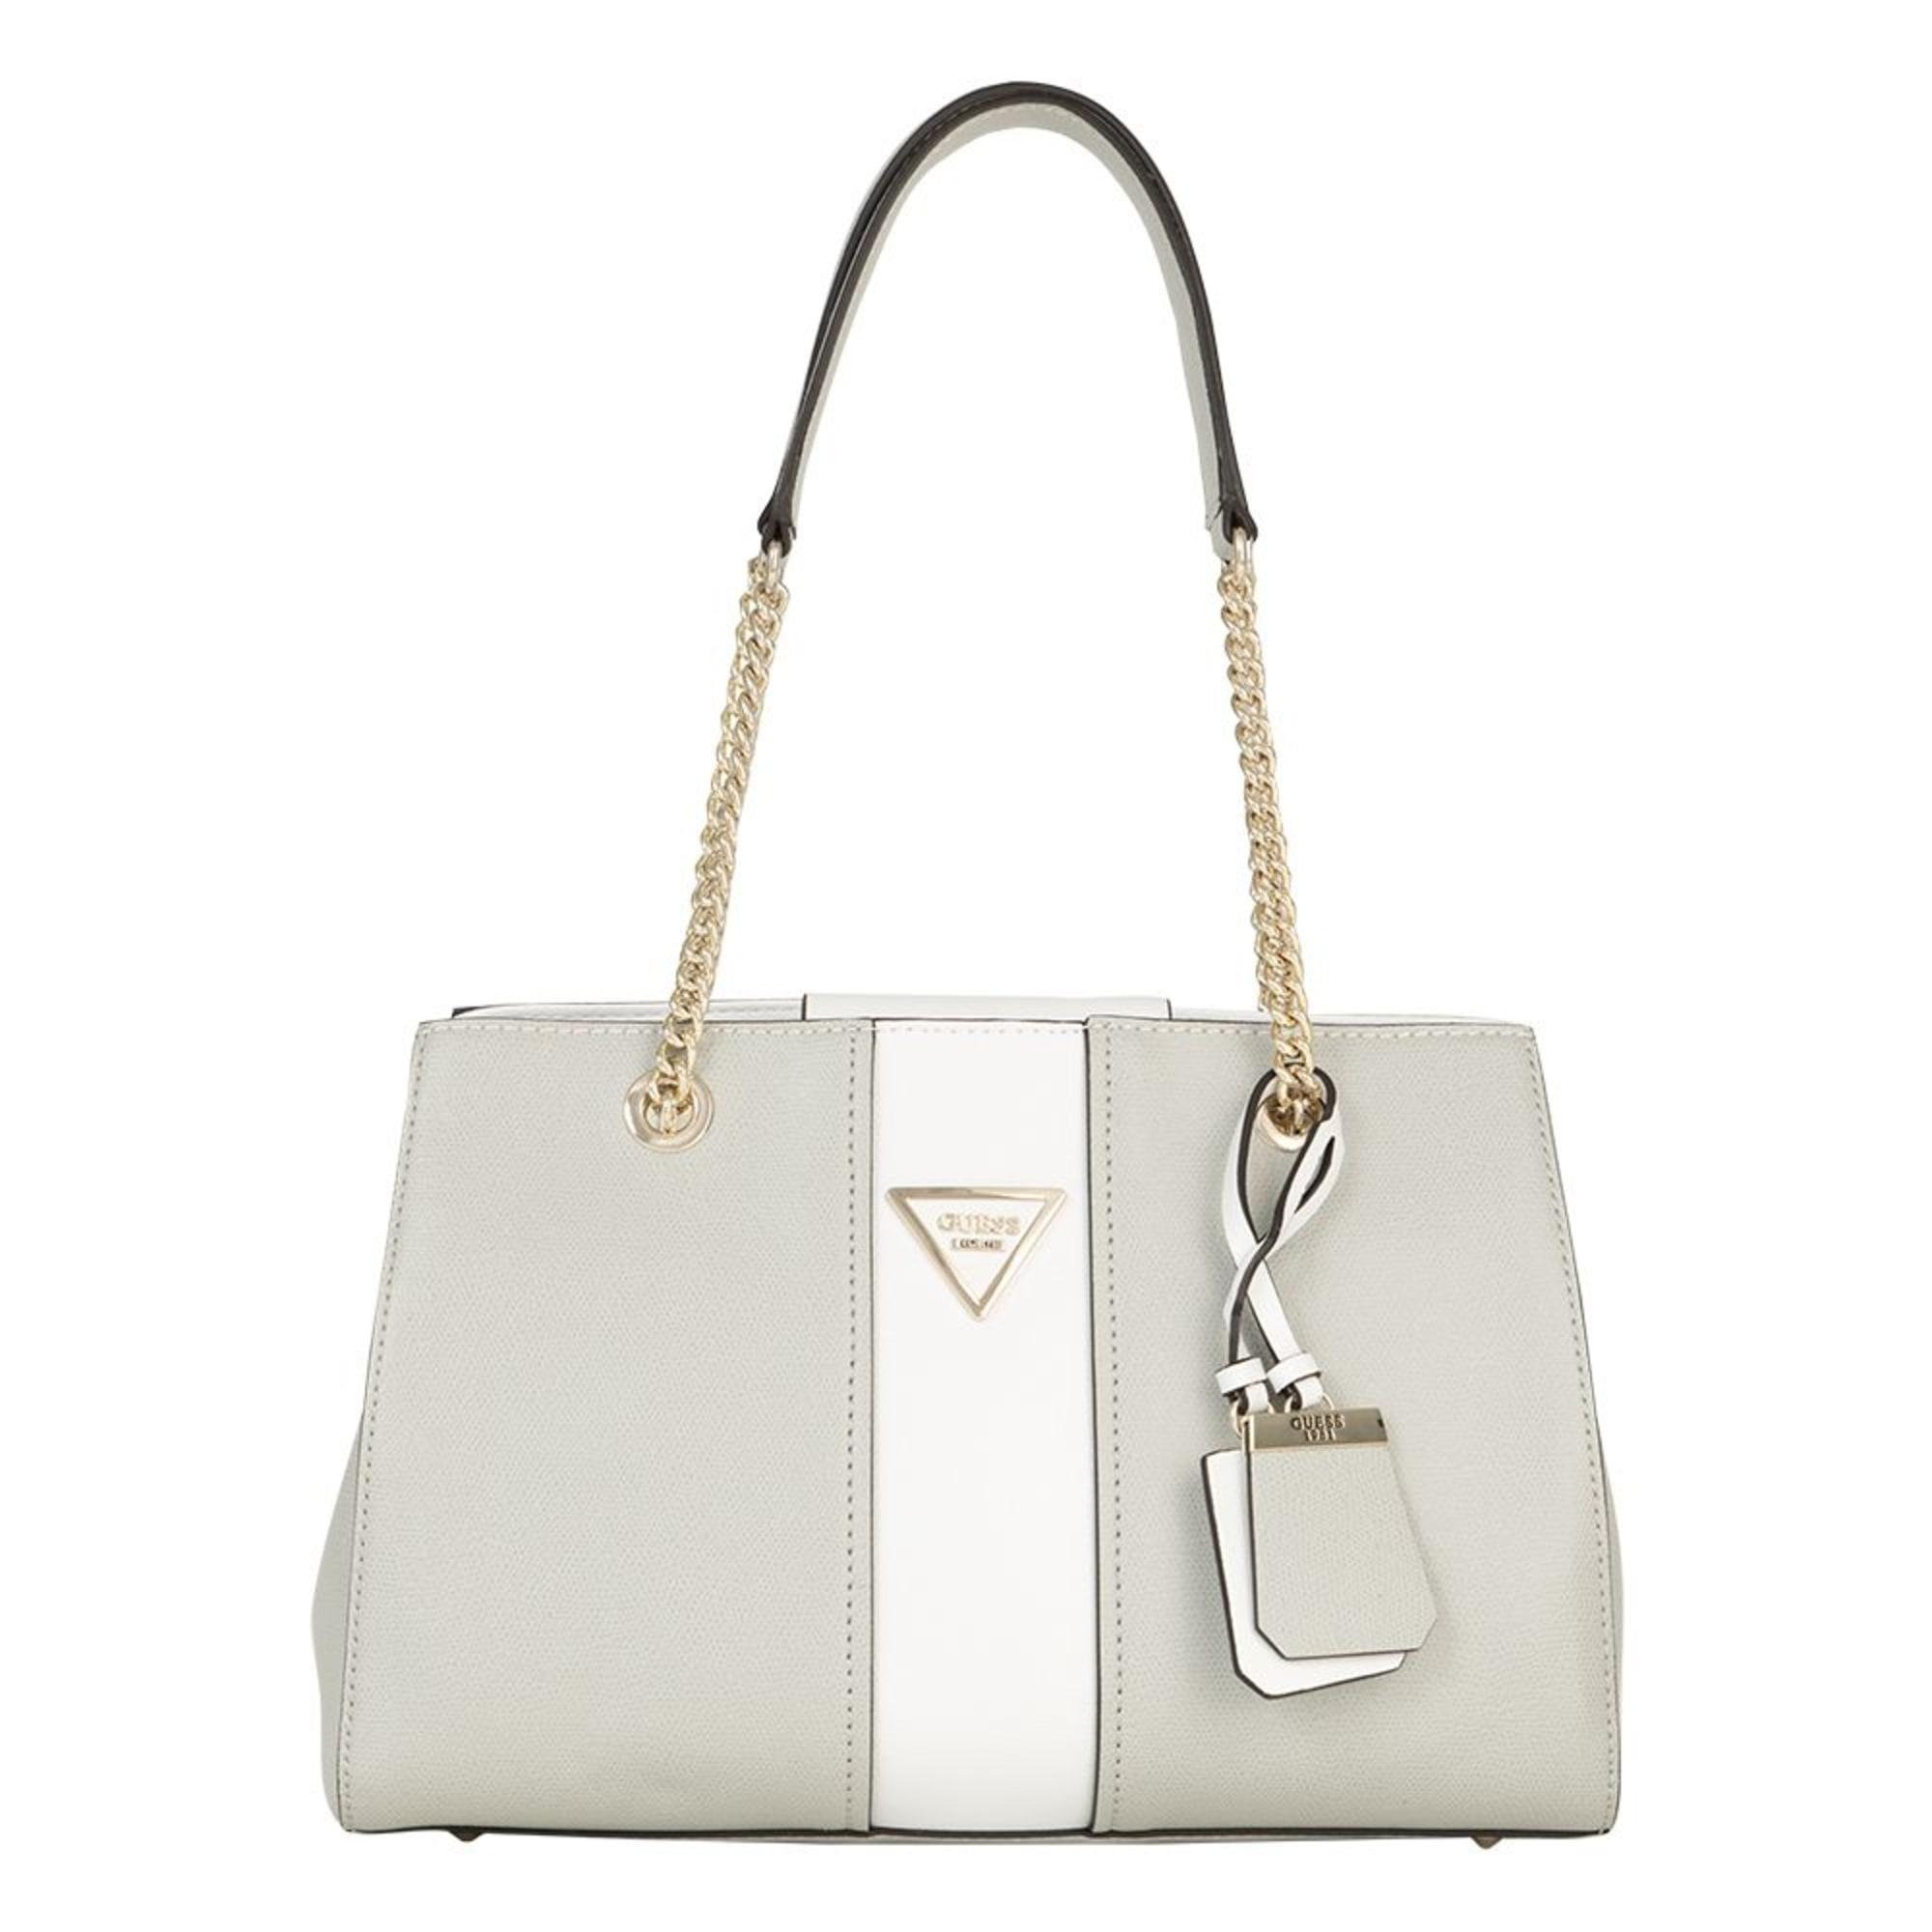 eac5c168e1 Sac à main en cuir GUESS blanc et gris perle vendu par Le vide ...